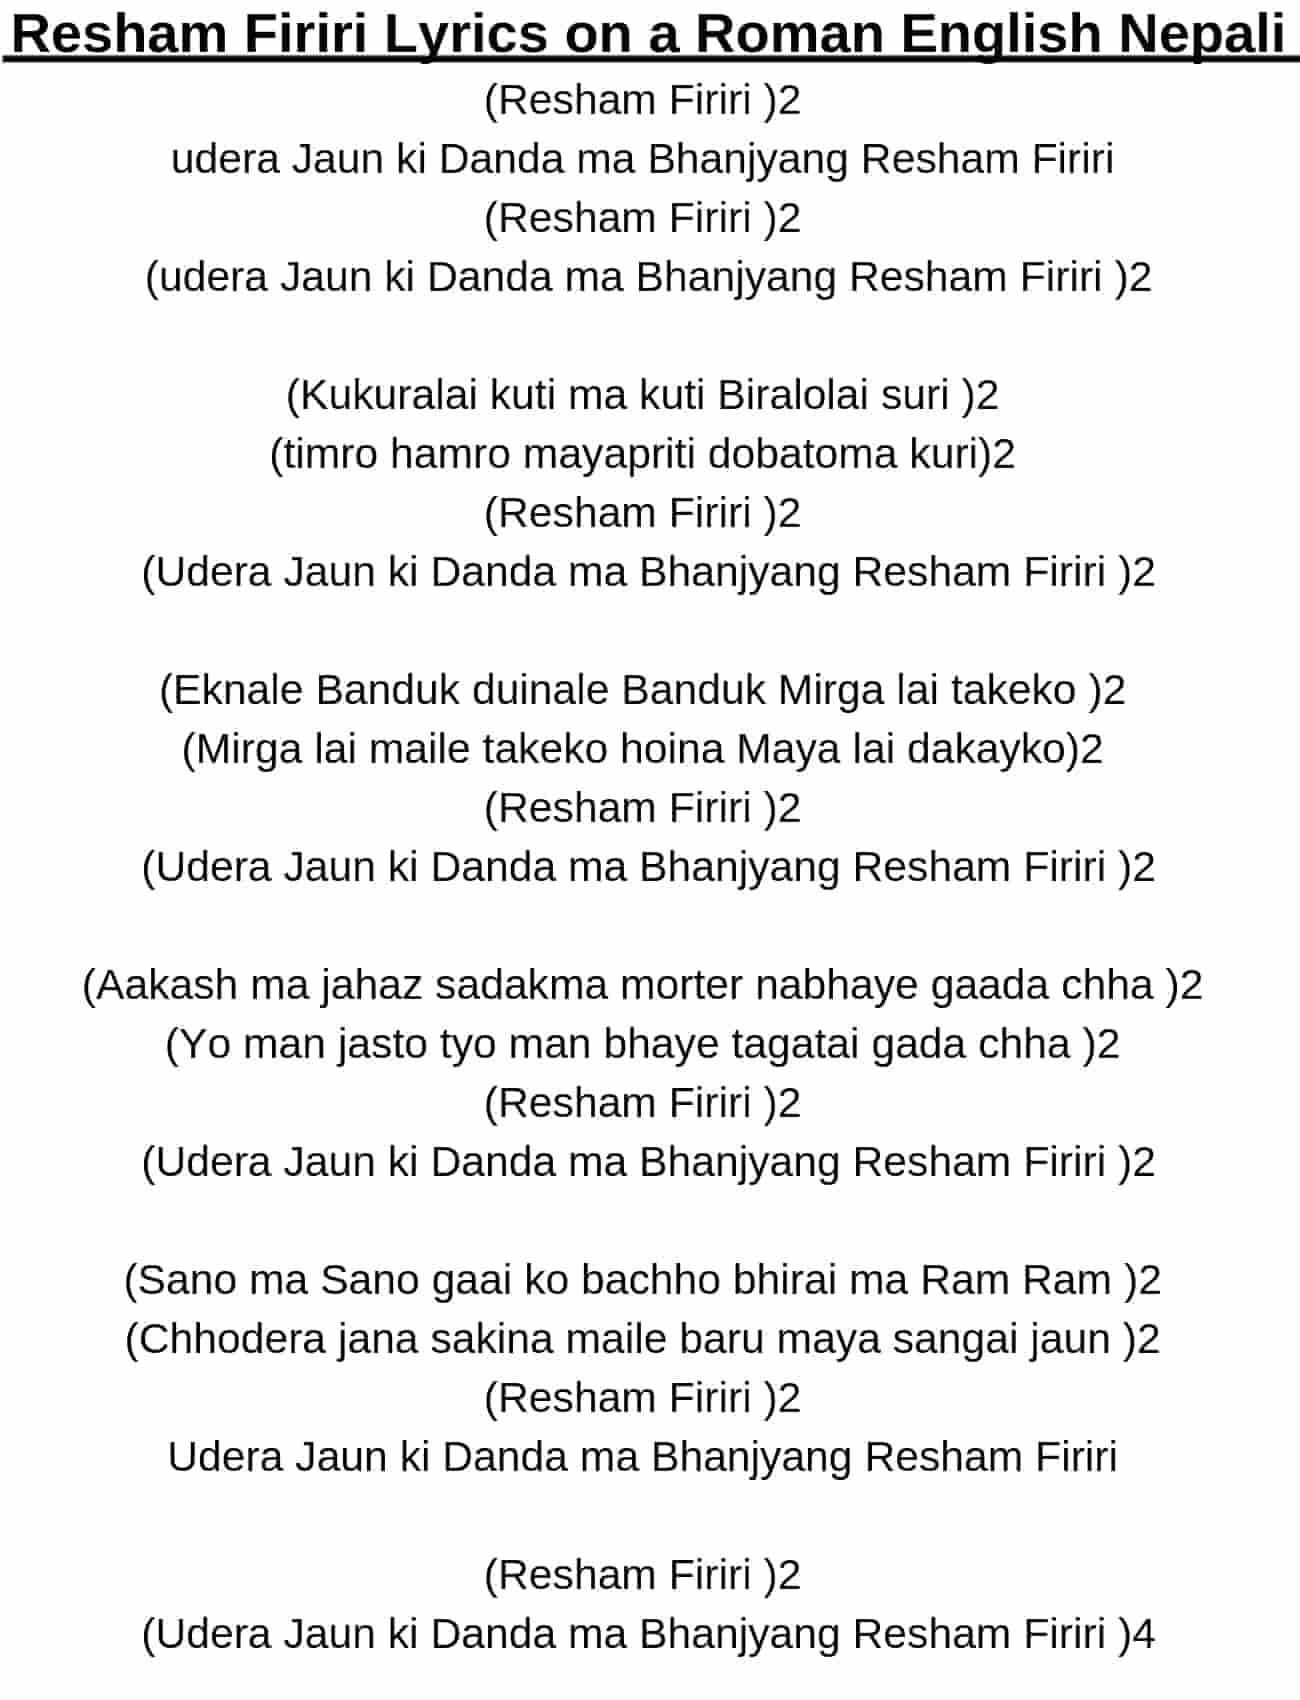 Resham firiri lyrics in Roman English Nepali